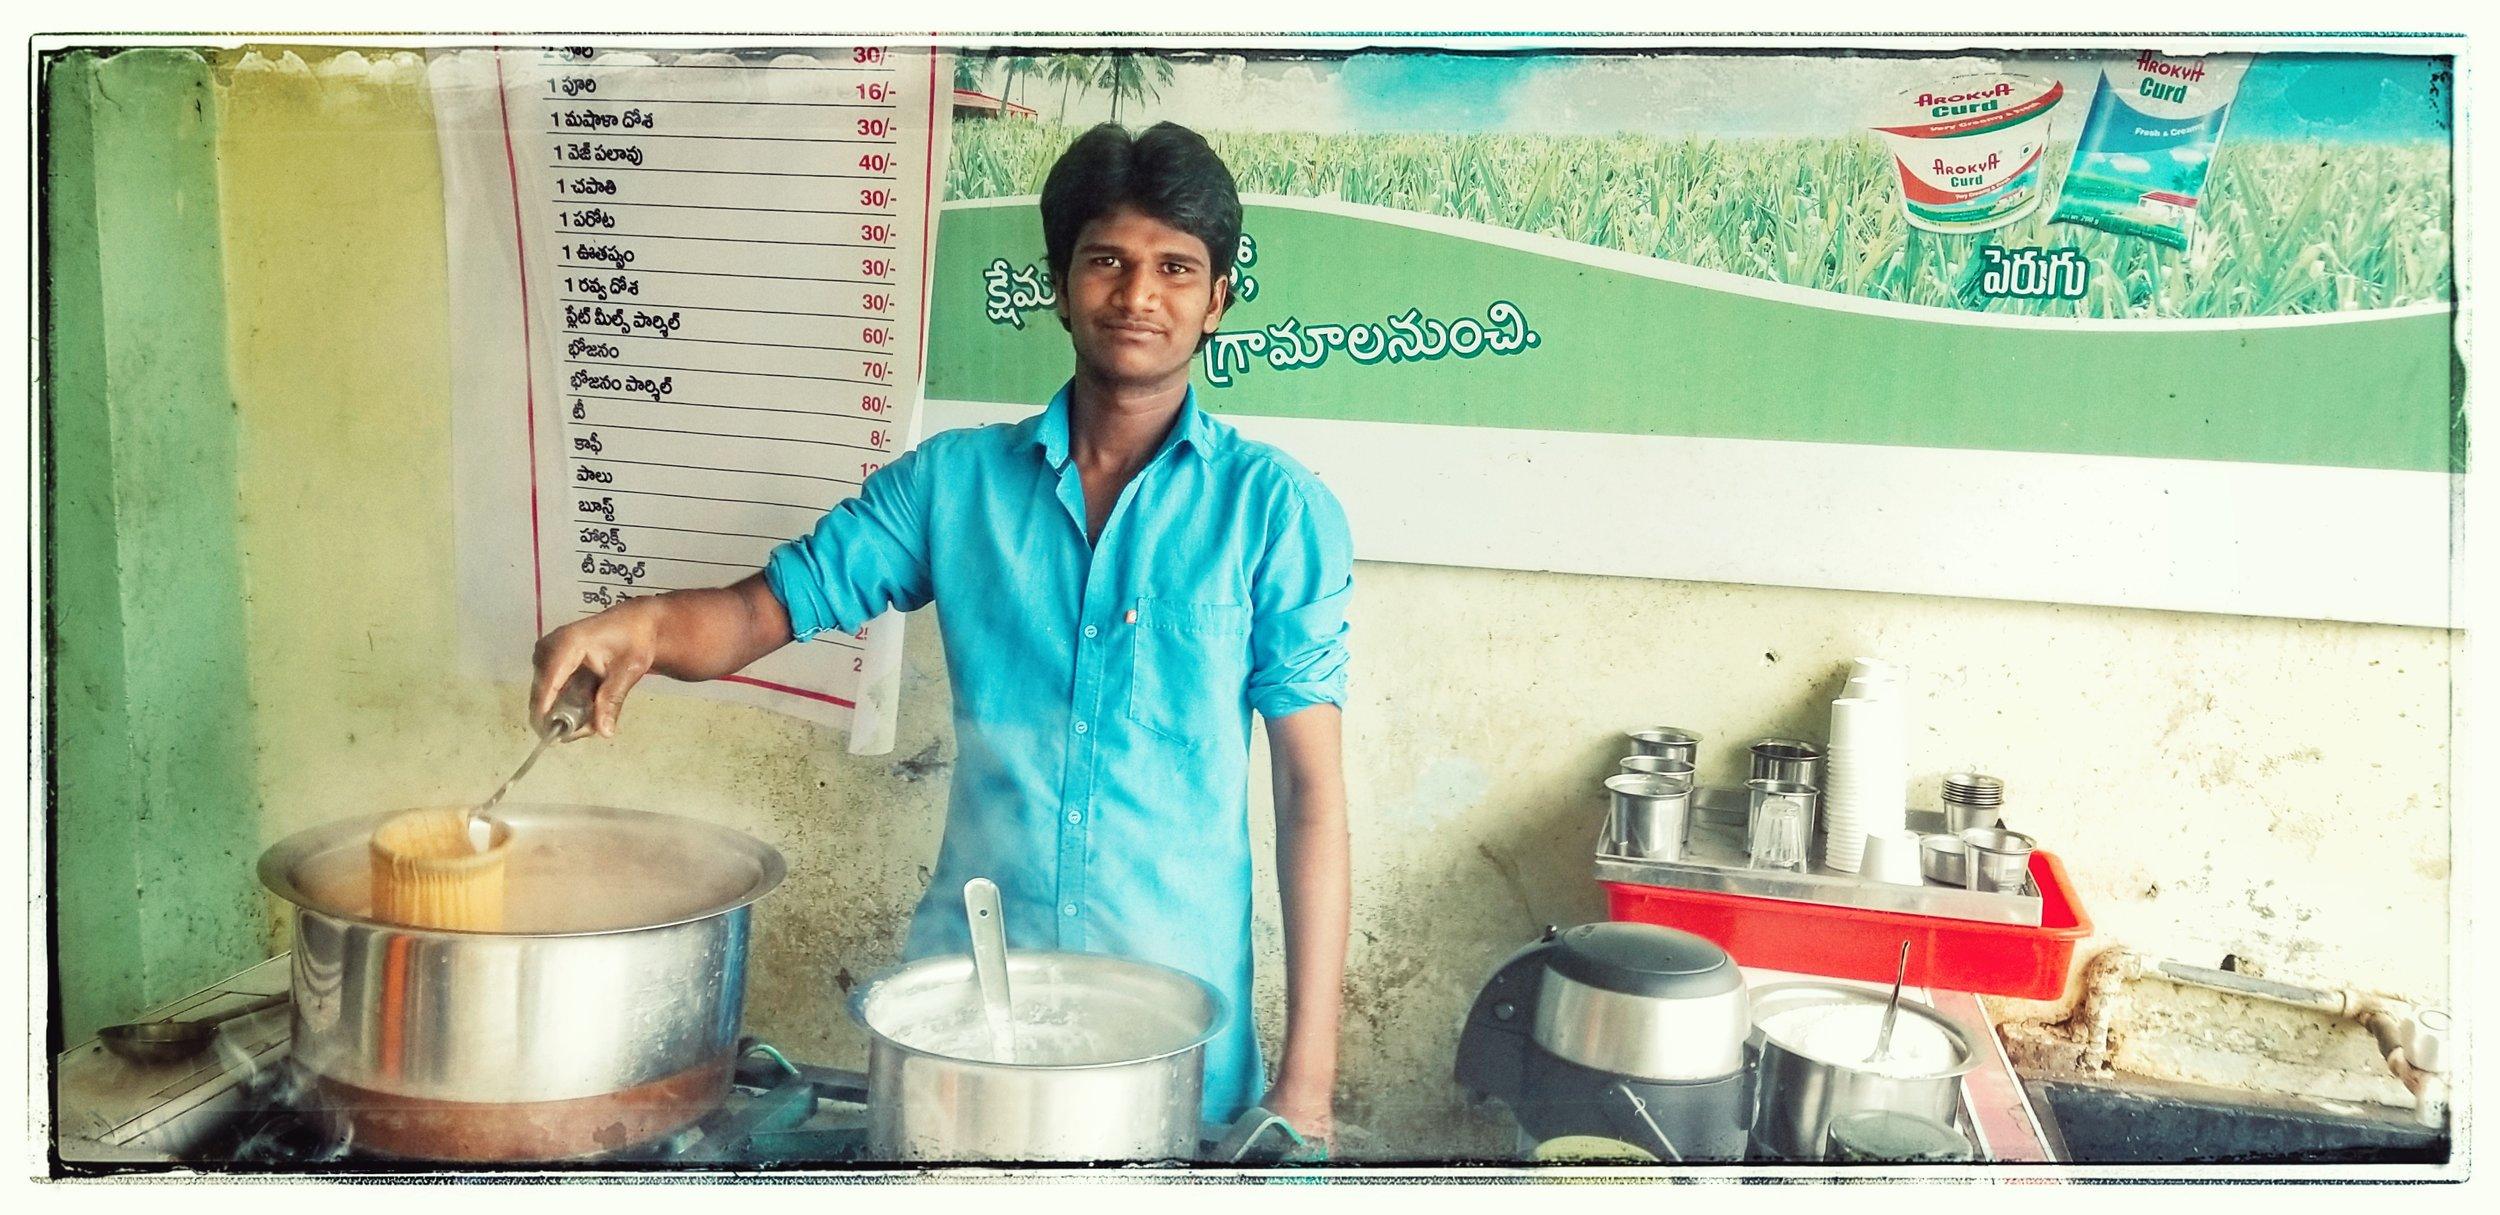 Coffee vendor.